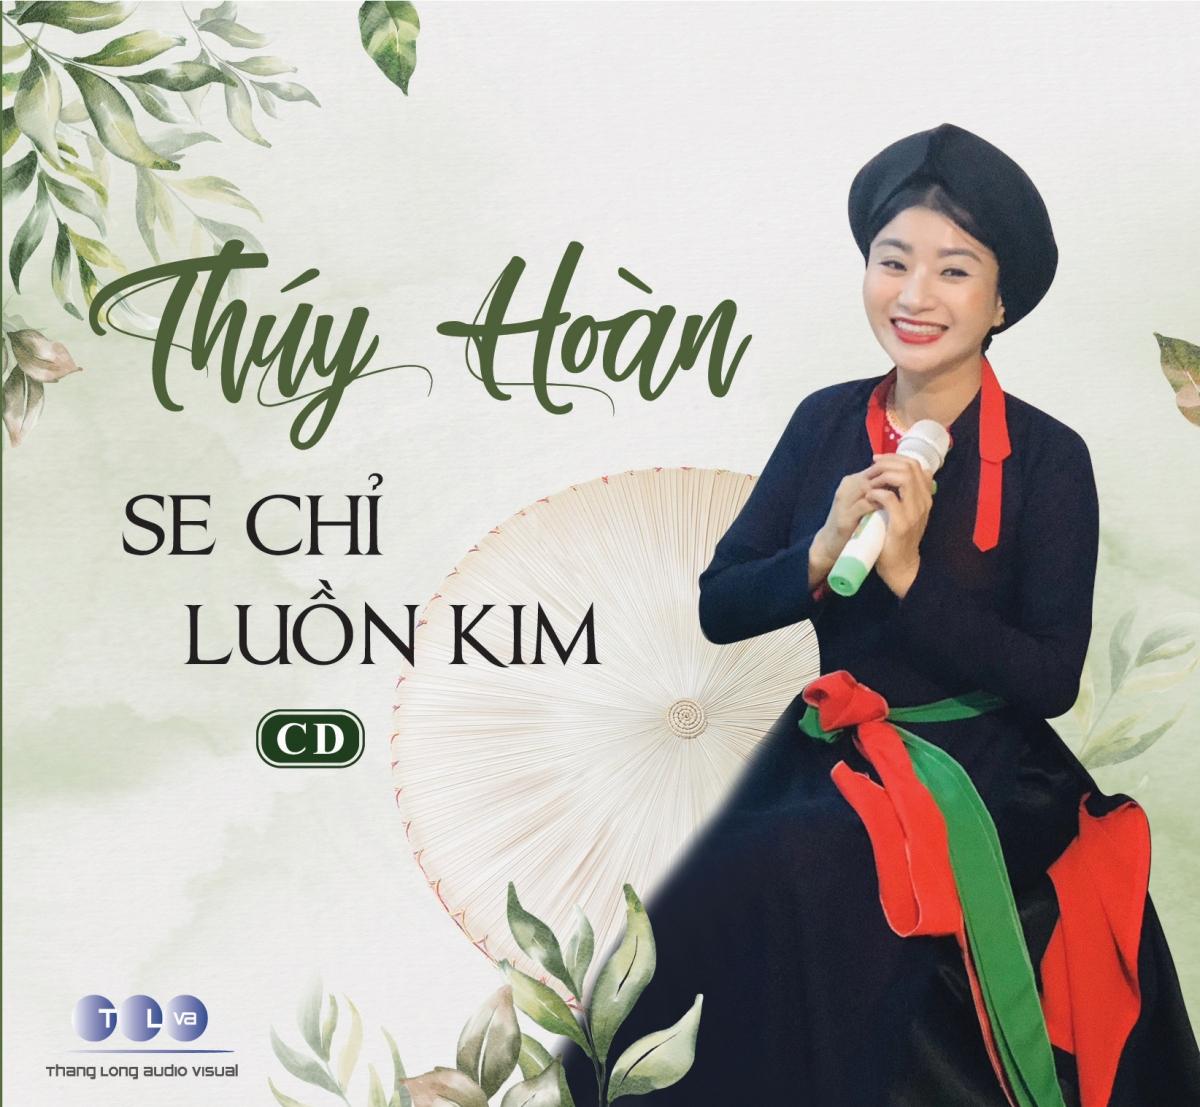 """CD """"Se chỉ luồn kim""""là album thứ hai củanghệ sĩ Thúy Hoàn."""